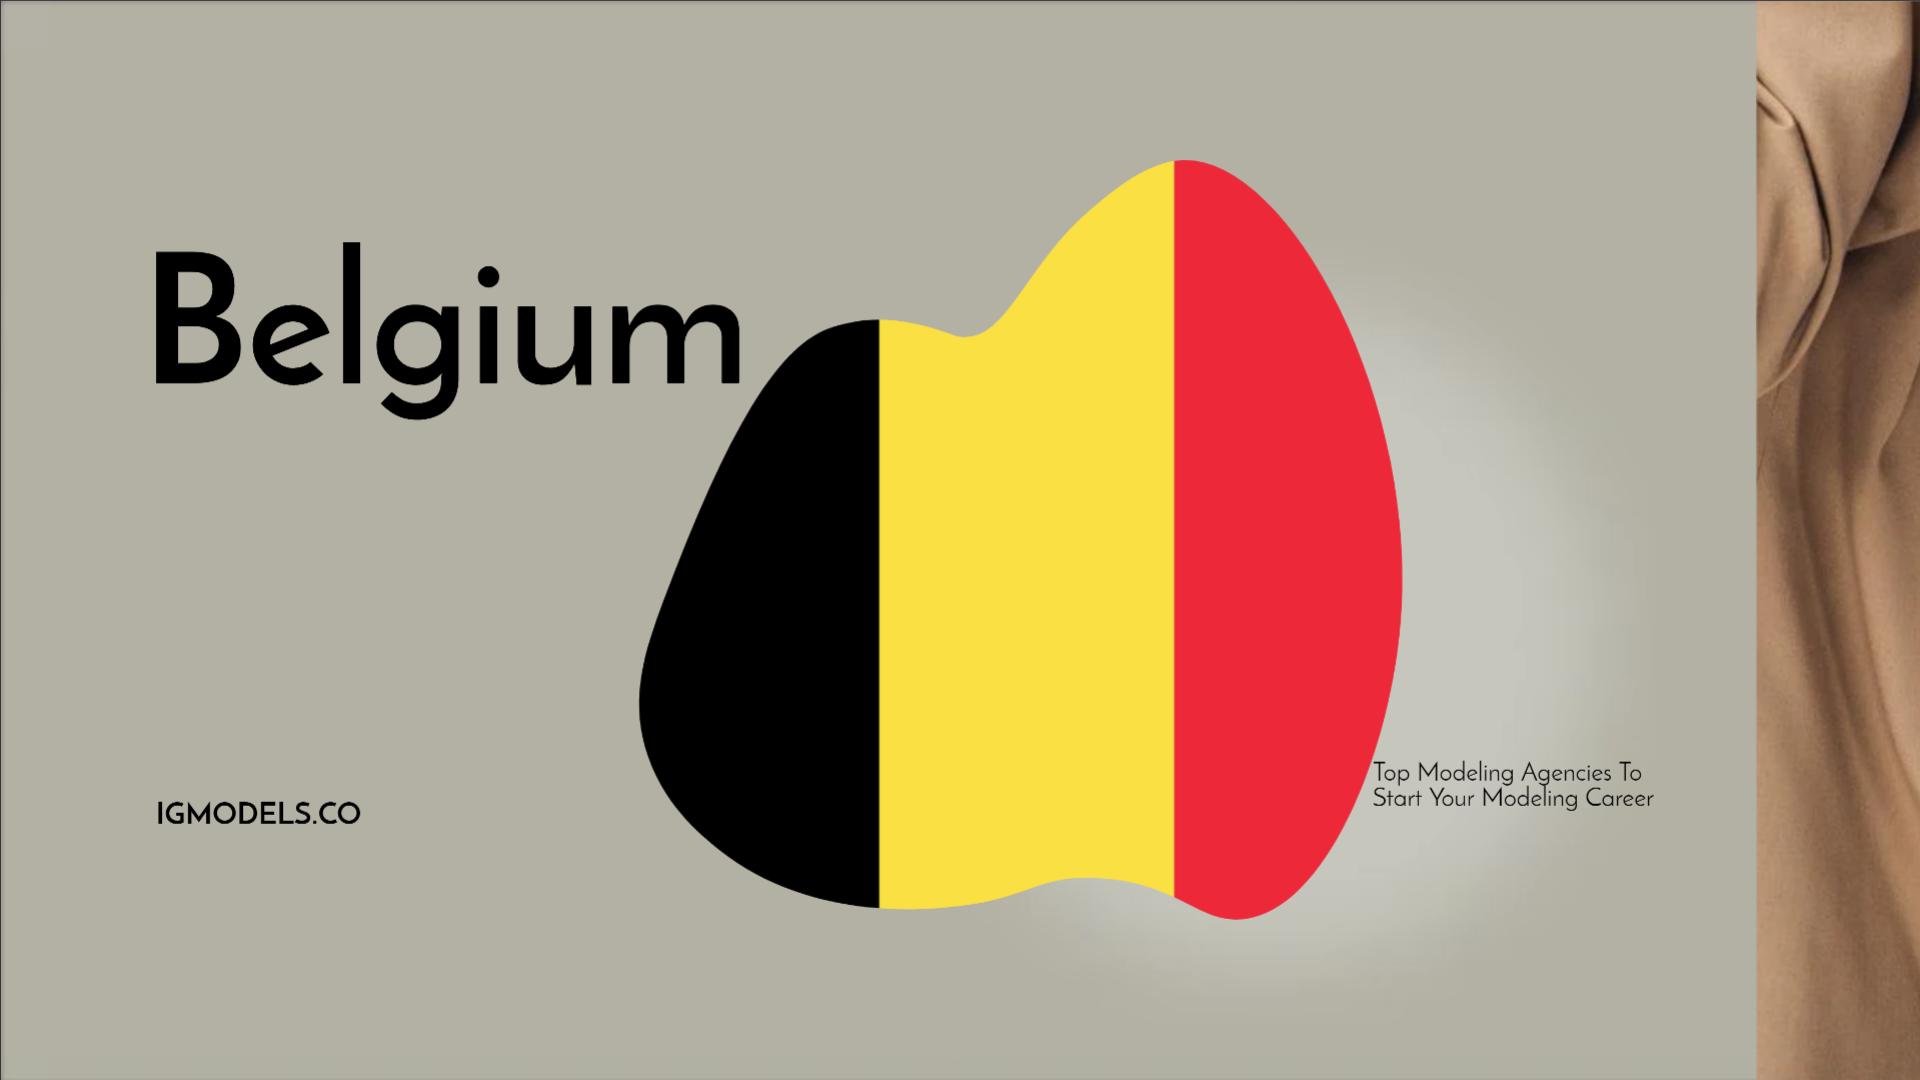 List : Top 42 Modeling Agencies In Belgium To Start Your Modeling Career In 2021